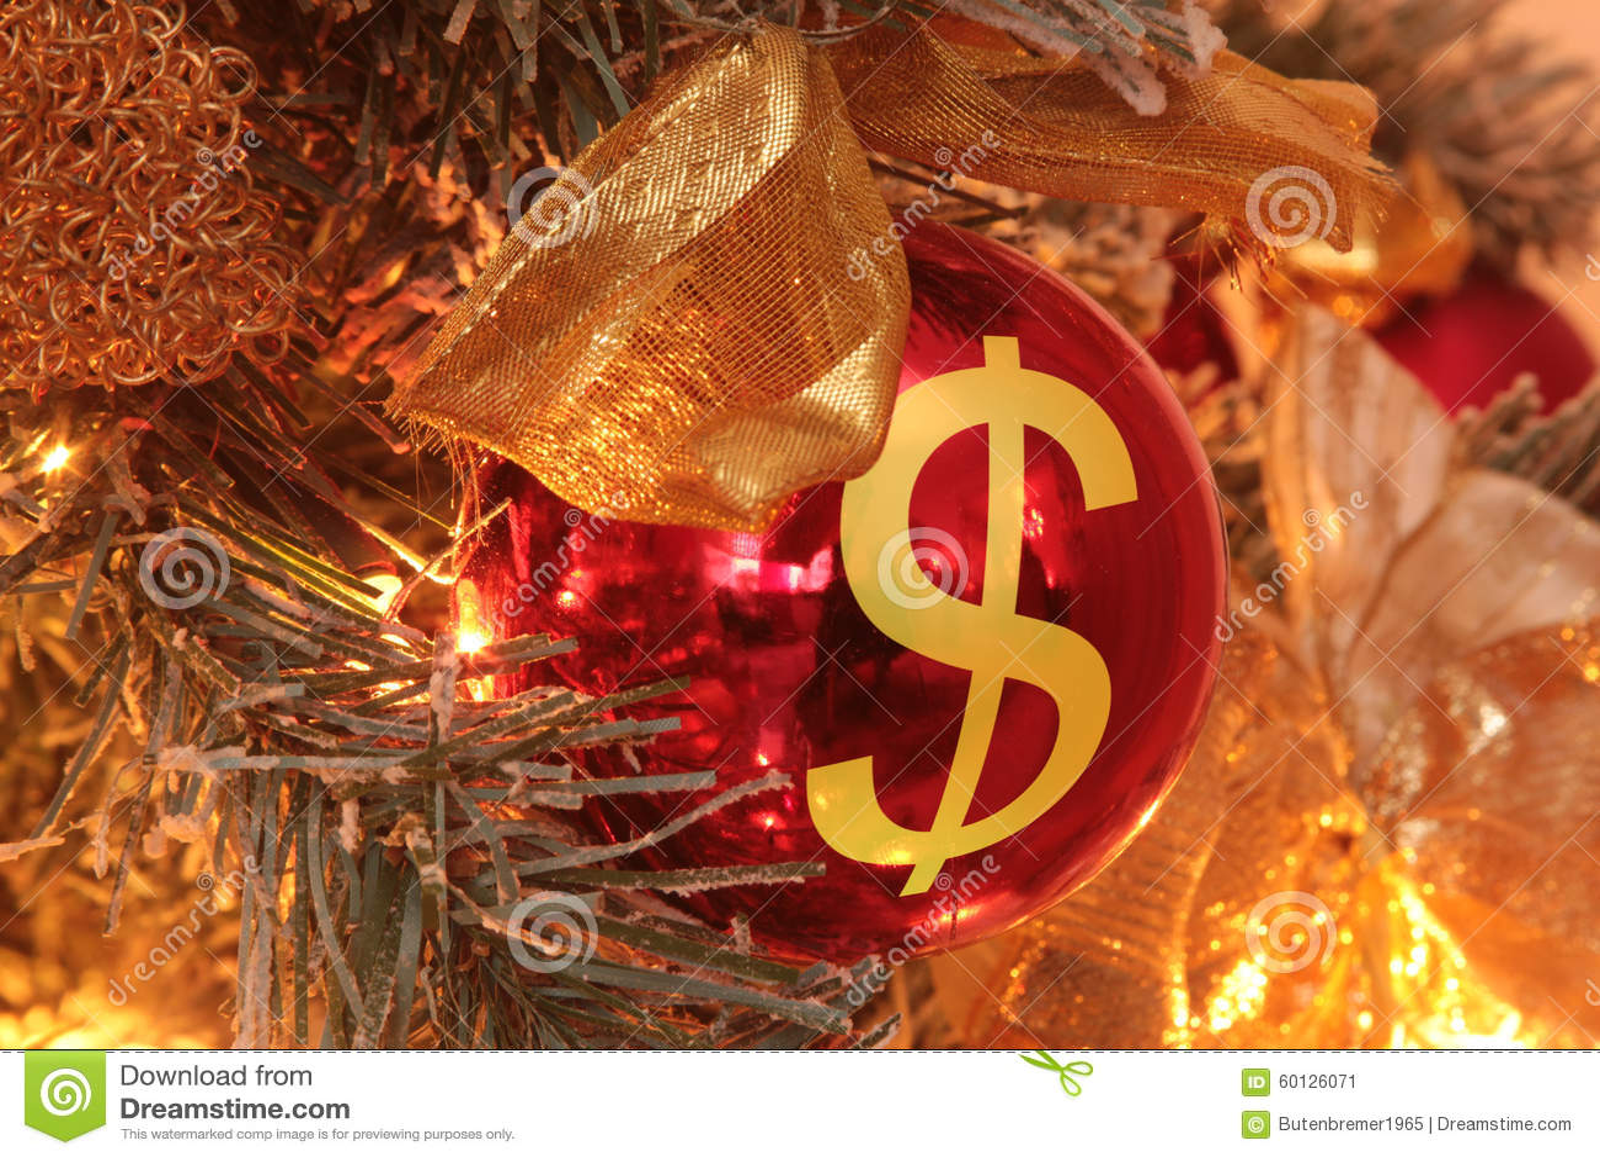 Satisfacción de la Navidad